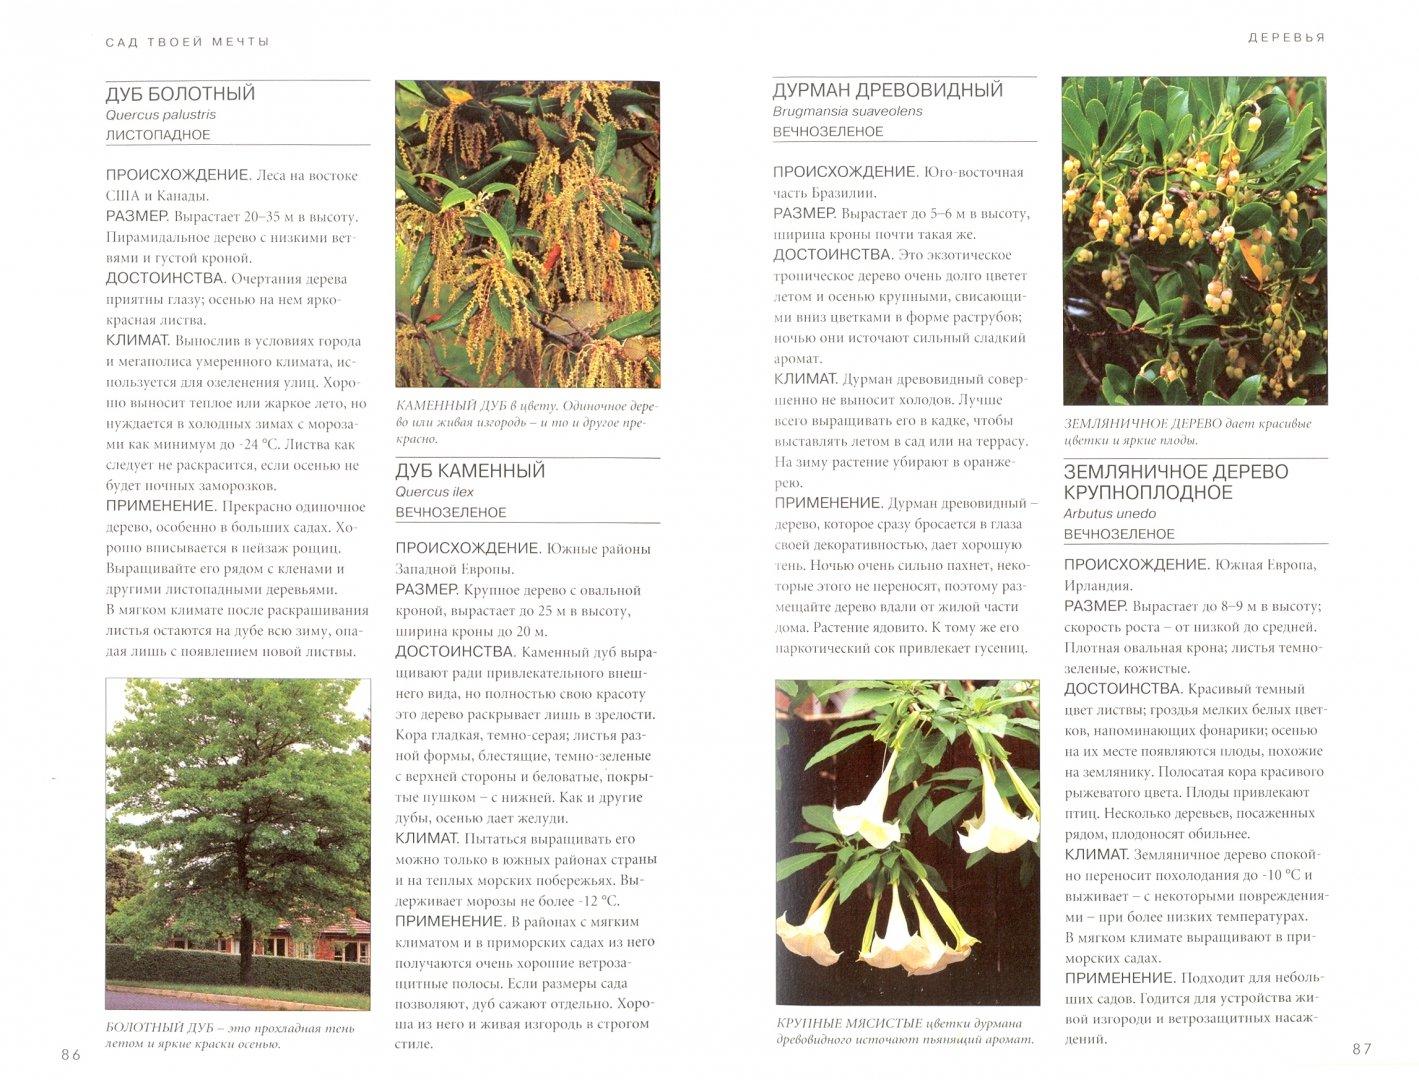 Иллюстрация 1 из 9 для Сад твоей мечты. Советы по планировке, посадке и уходу - Берни, Тугуд | Лабиринт - книги. Источник: Лабиринт